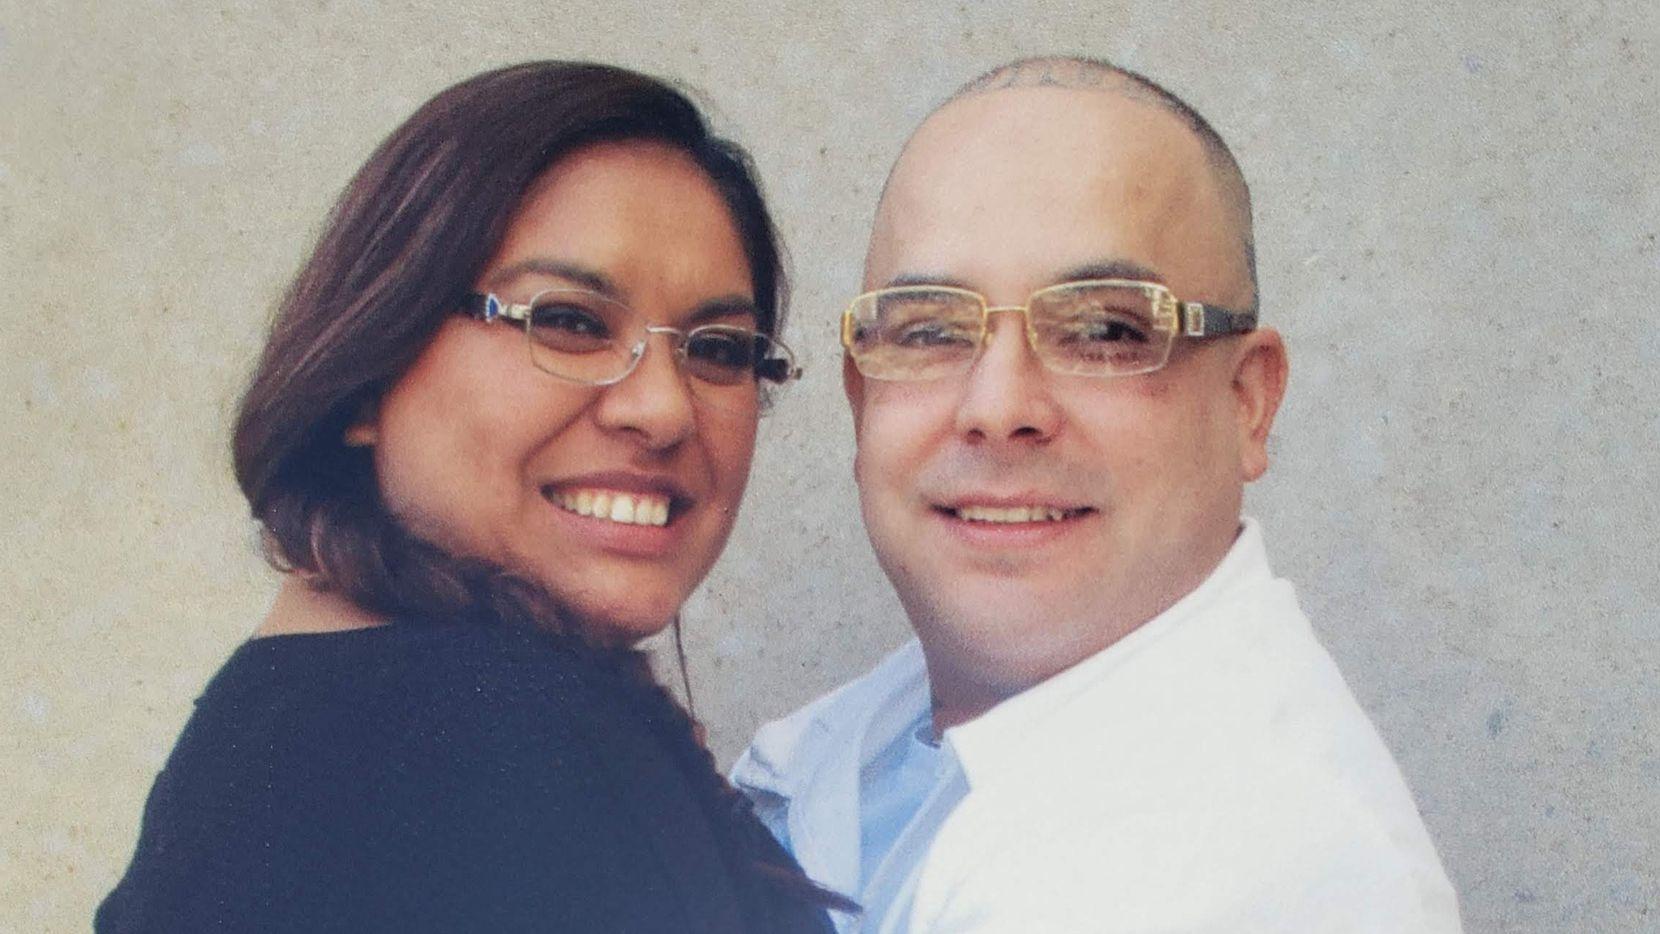 Cassandra Gonzalez abraza a su espos Eric quien debía ser liberado de una prisión de Texas en Brownwood, pero su liebertad ha sido pospuesta debido a casos de covid-19.